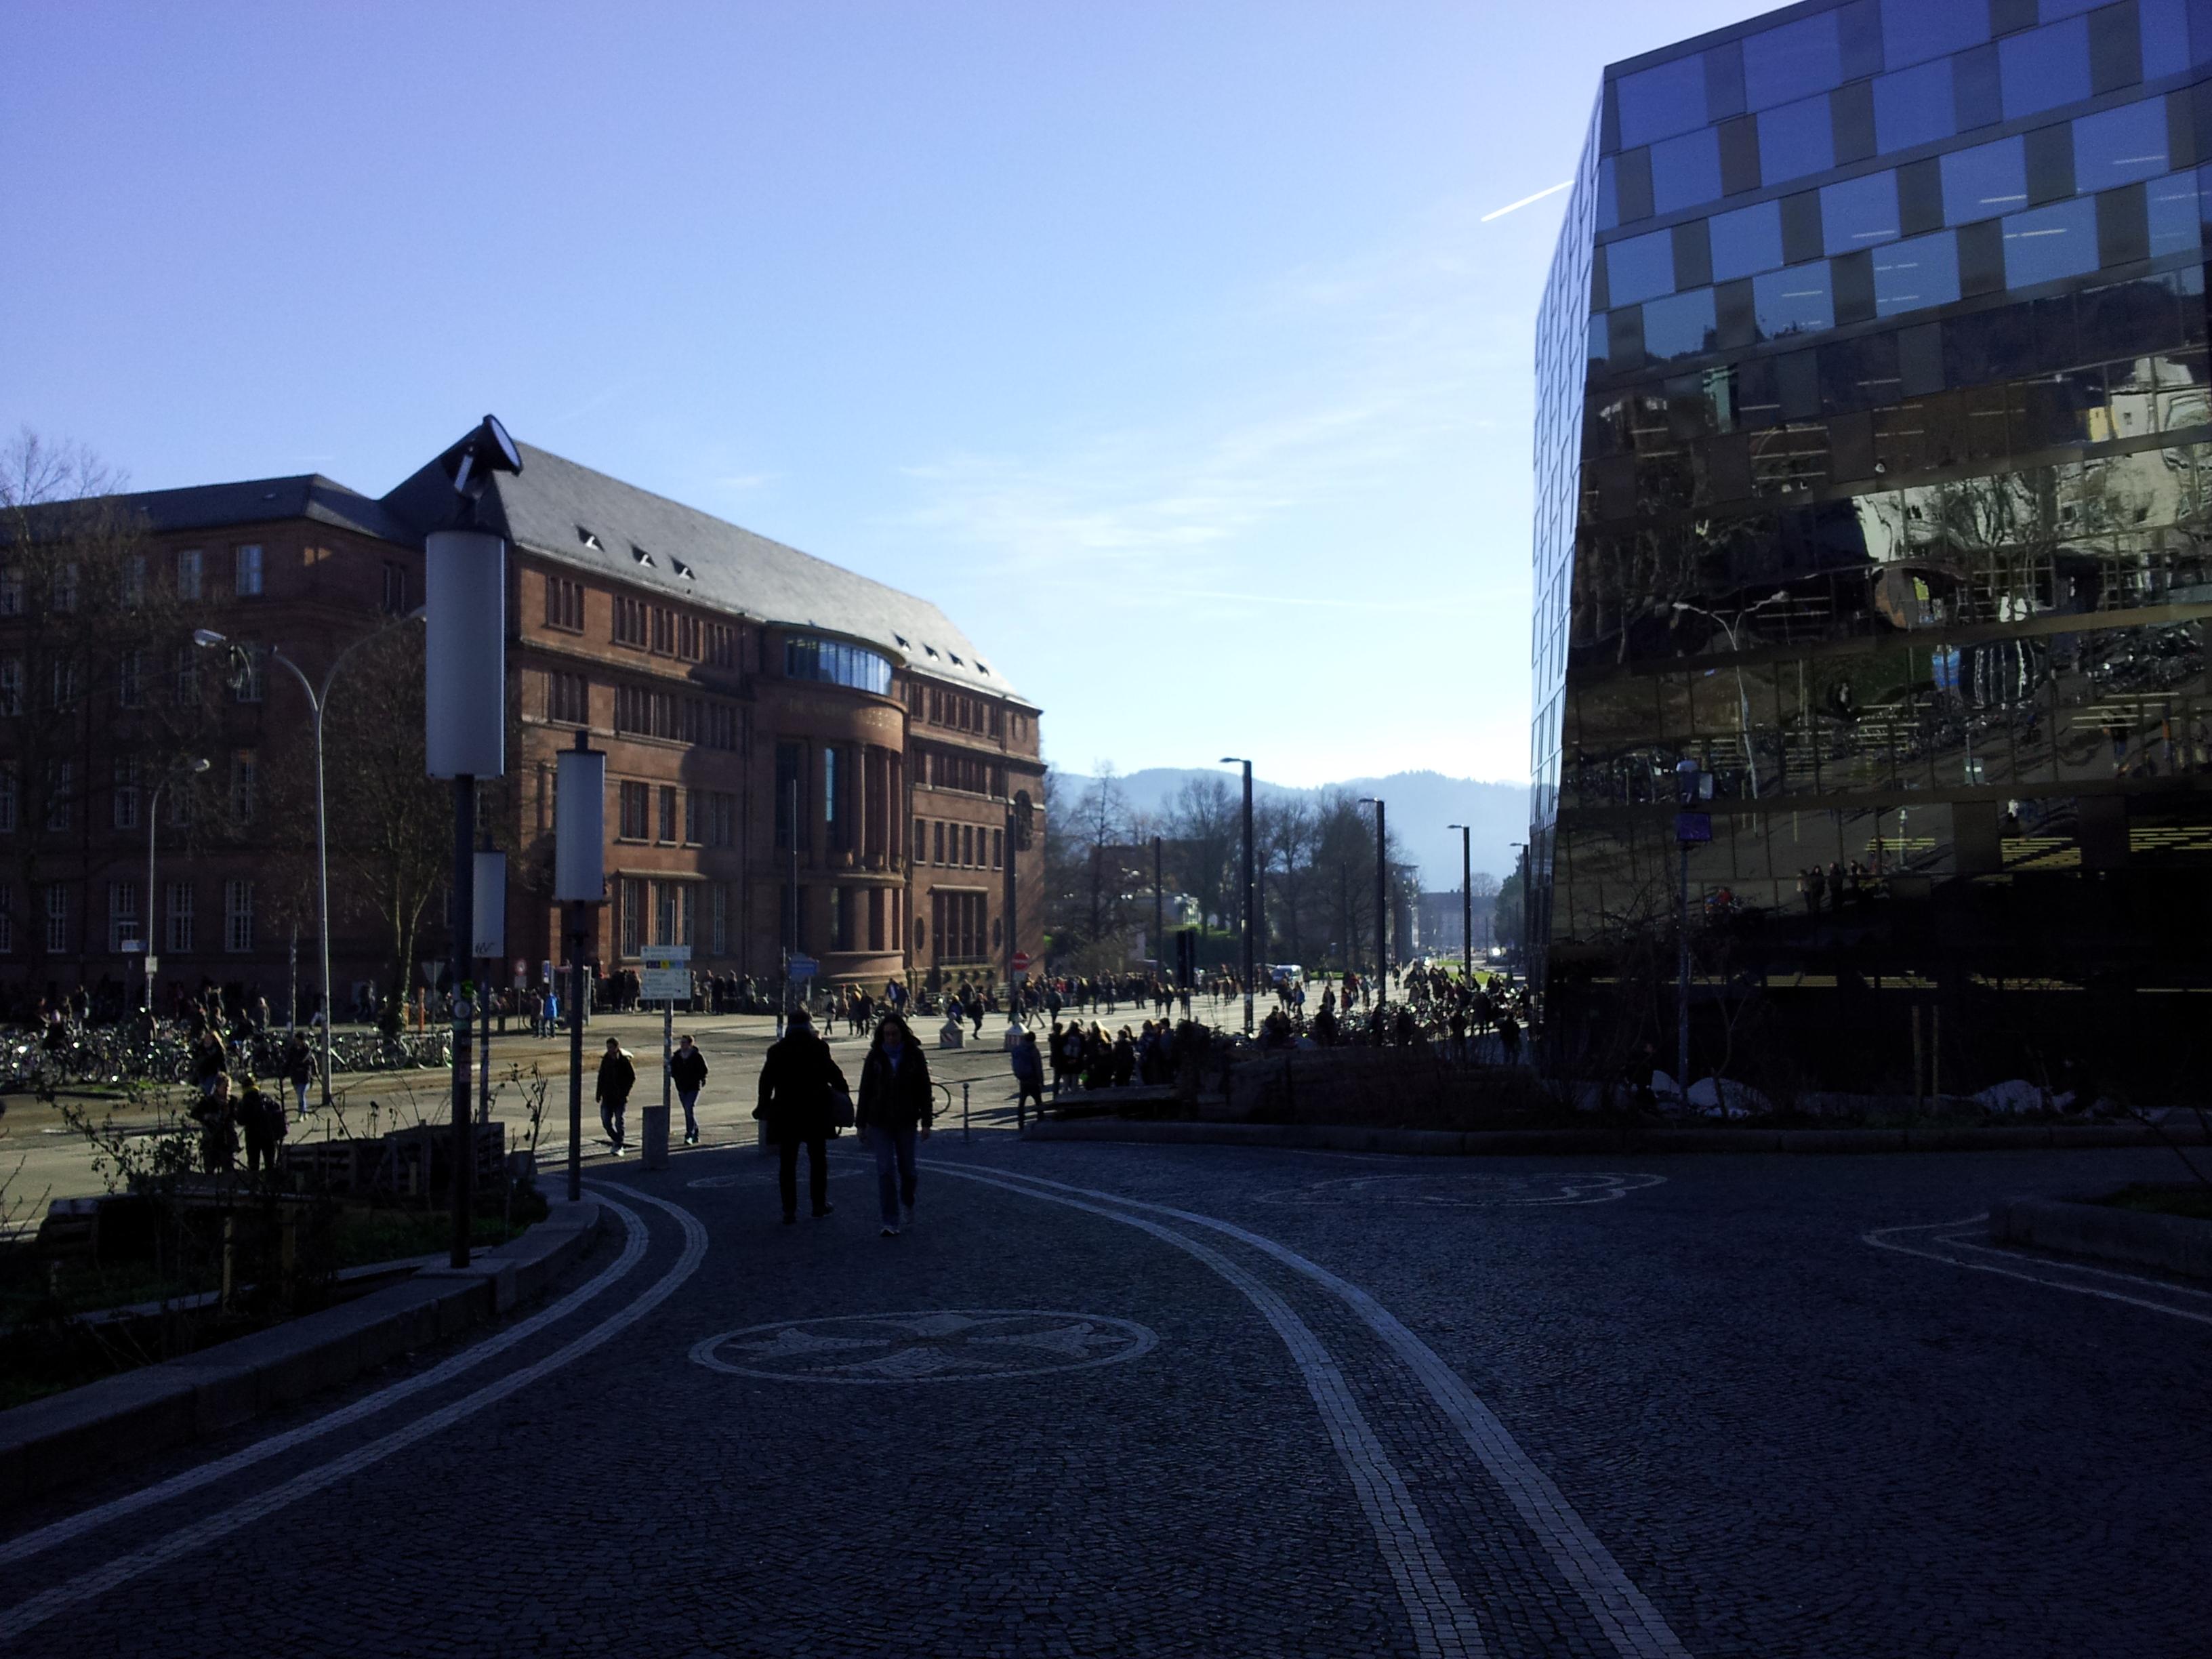 Freiburgin yliopiston vanha päärakennus ja uusi kirjasto.